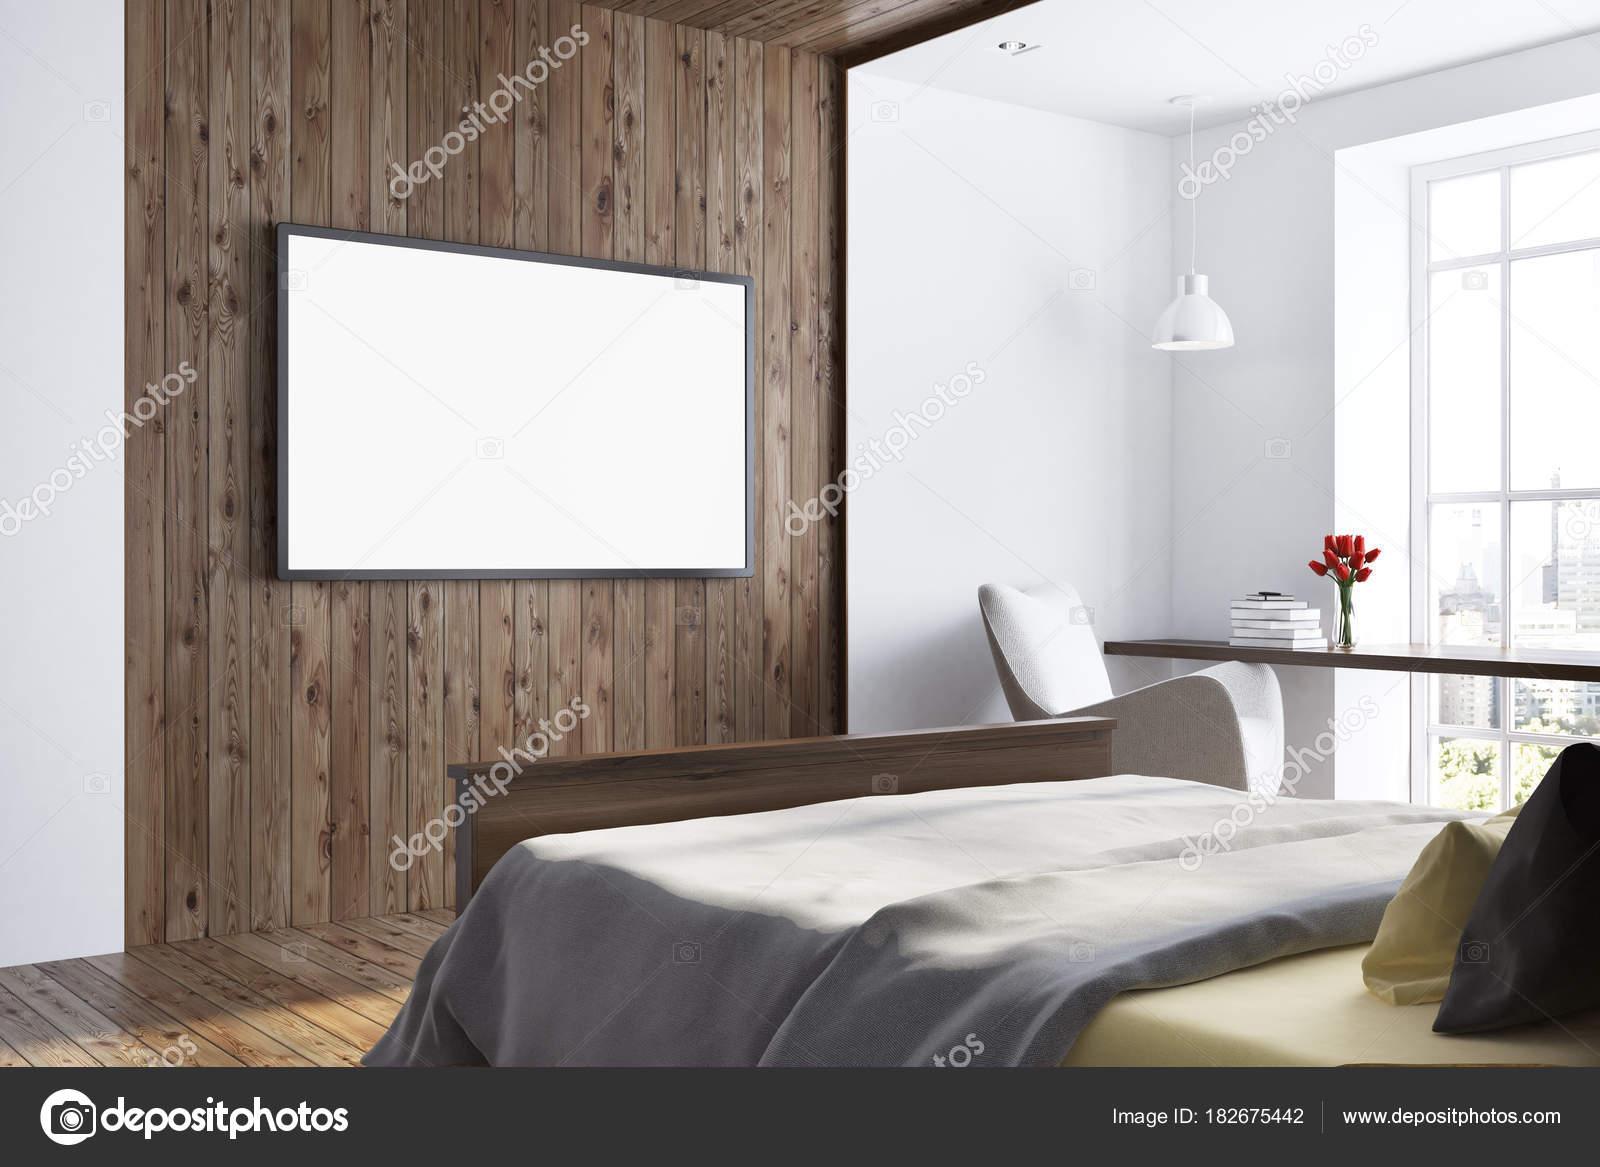 433 slaapkamer boven met tv zijaanzicht van de slaapkamer